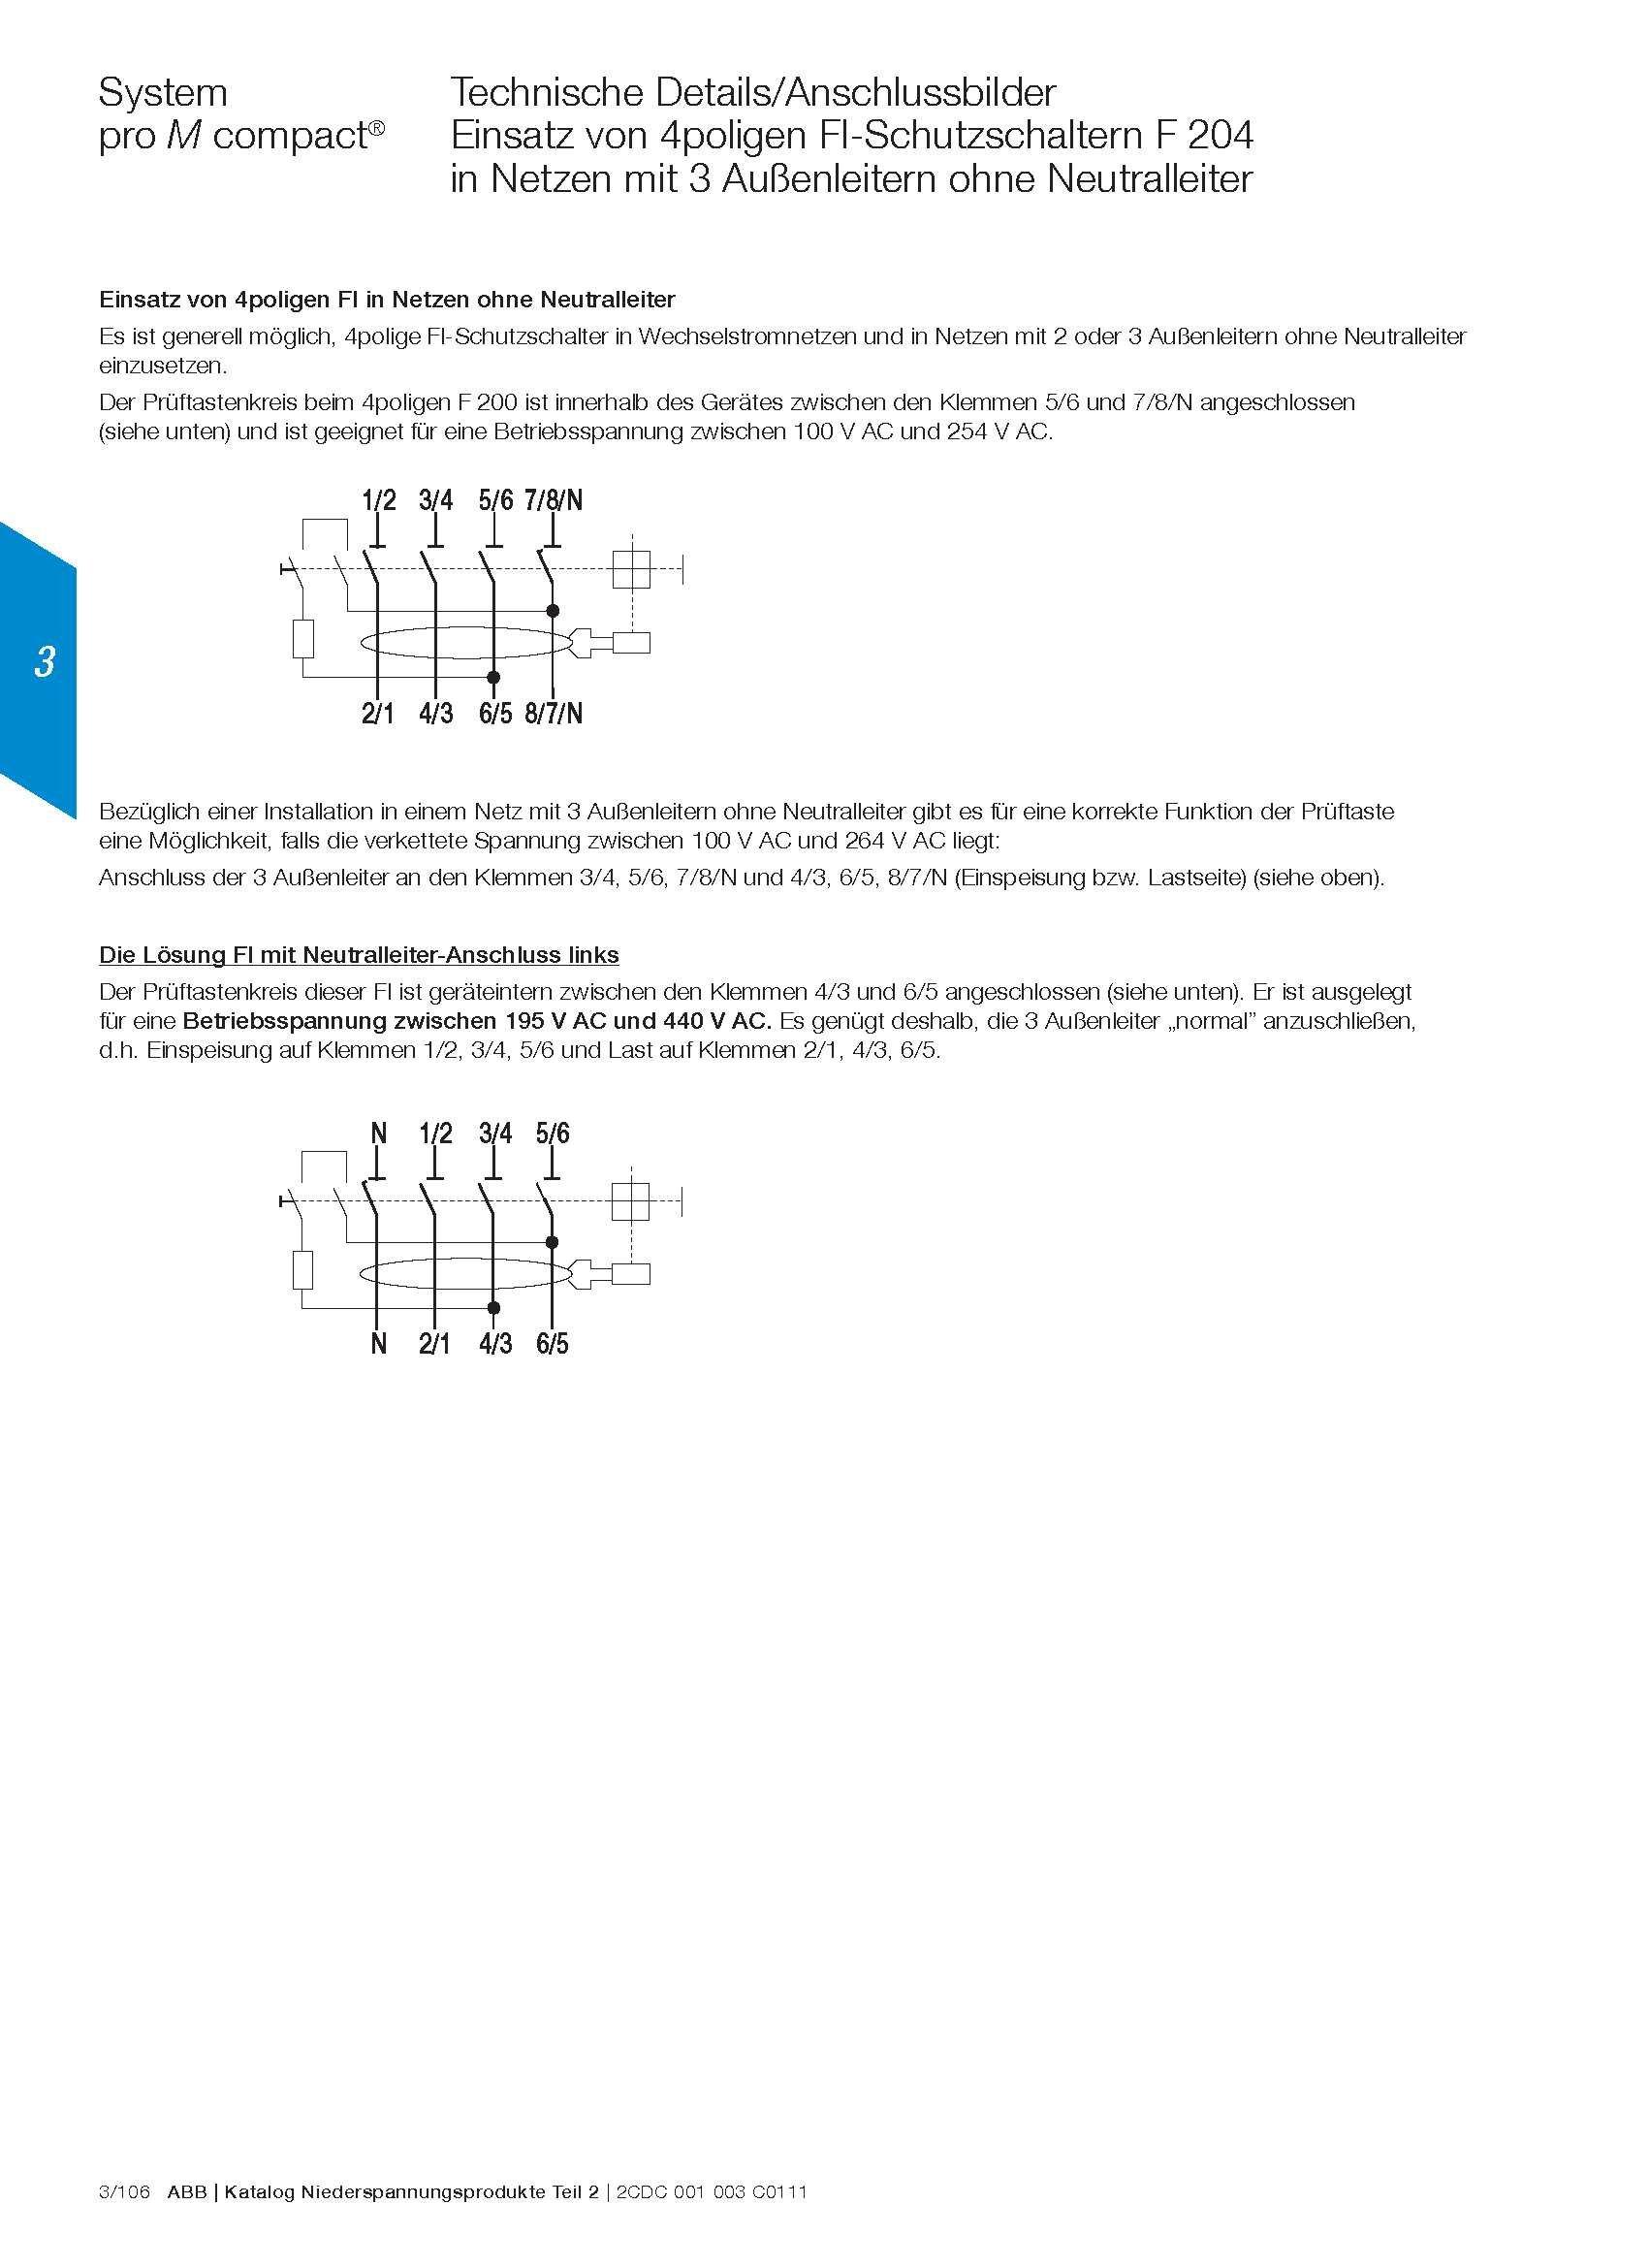 Ausgezeichnet Welche Funktion Hat Ein Neutralleiter Fotos - Der ...